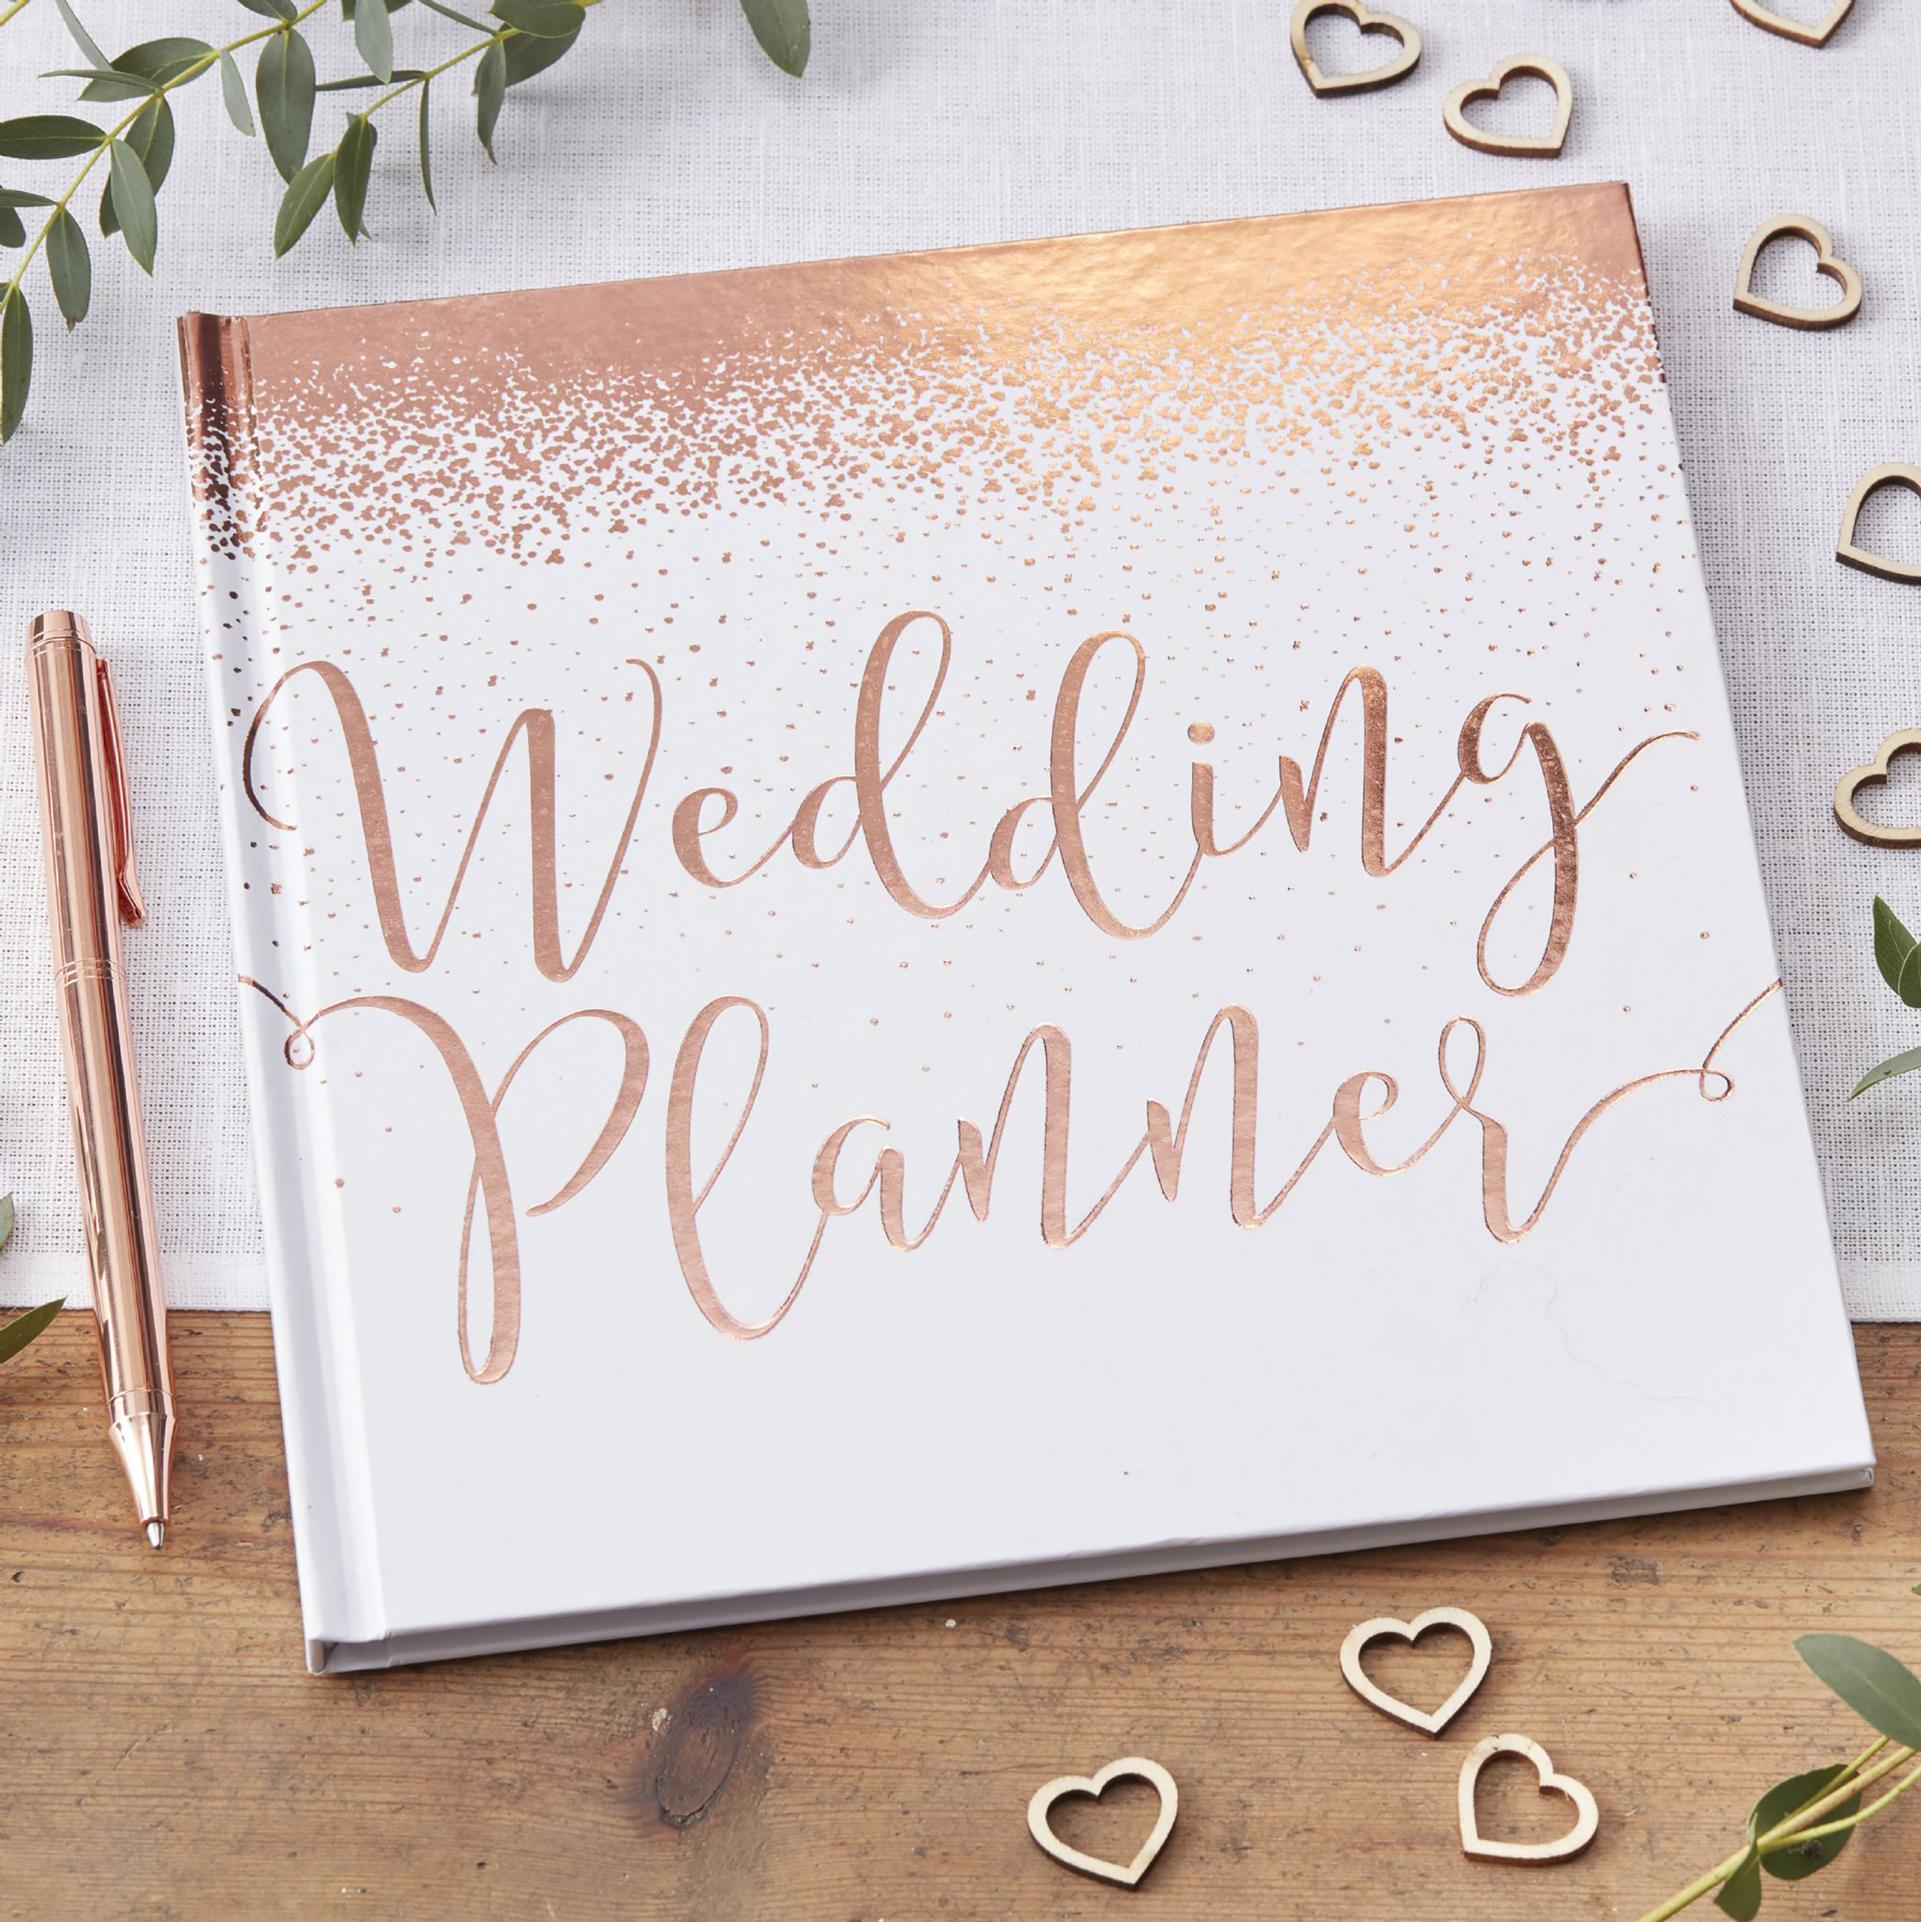 Wedding-Tips-WeddingPlanners-p1